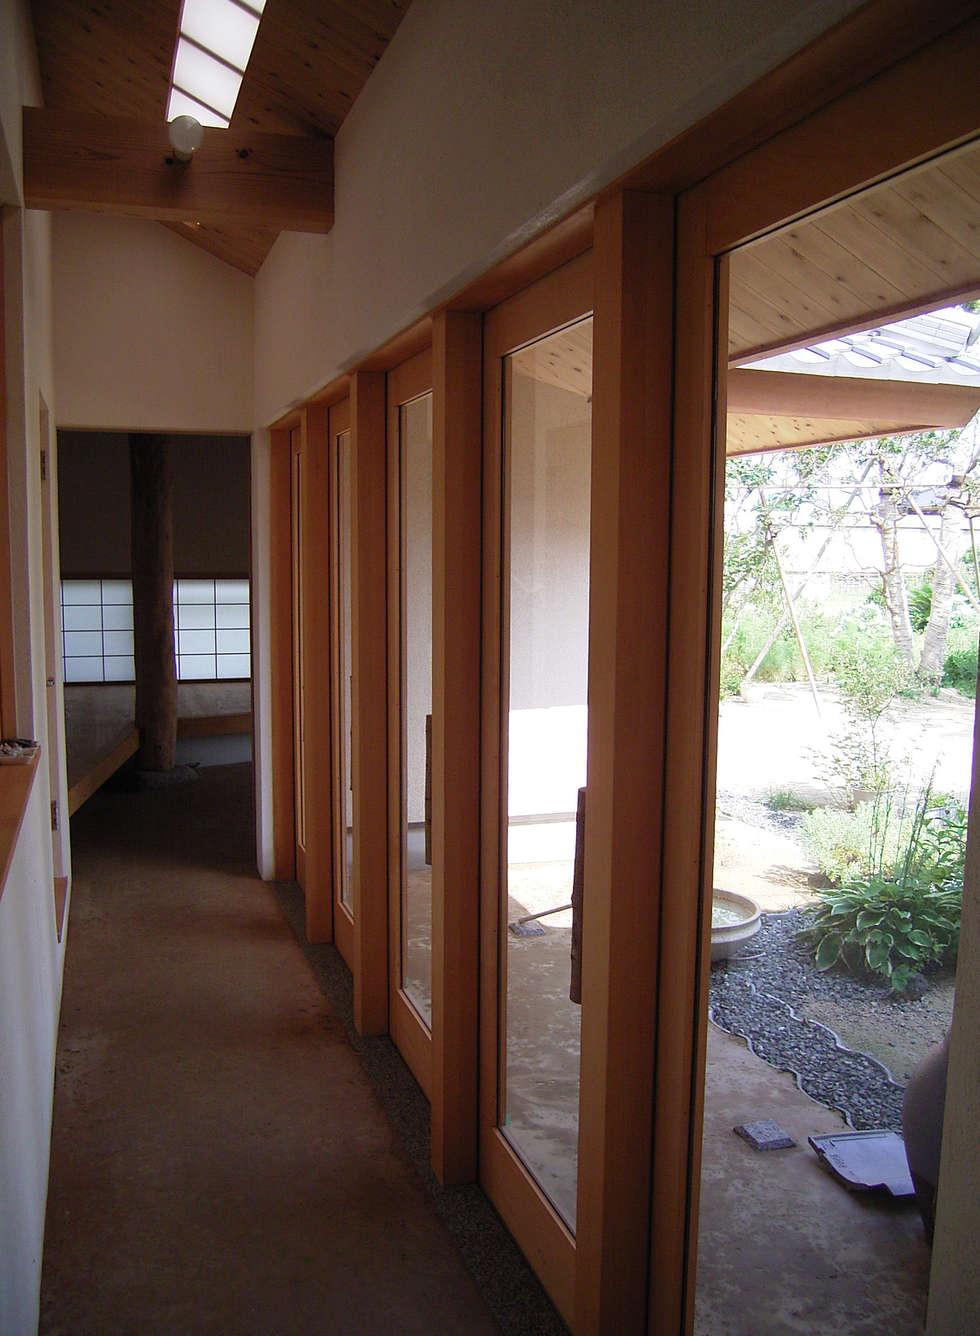 土間: 計画工房 辿が手掛けた廊下 & 玄関です。